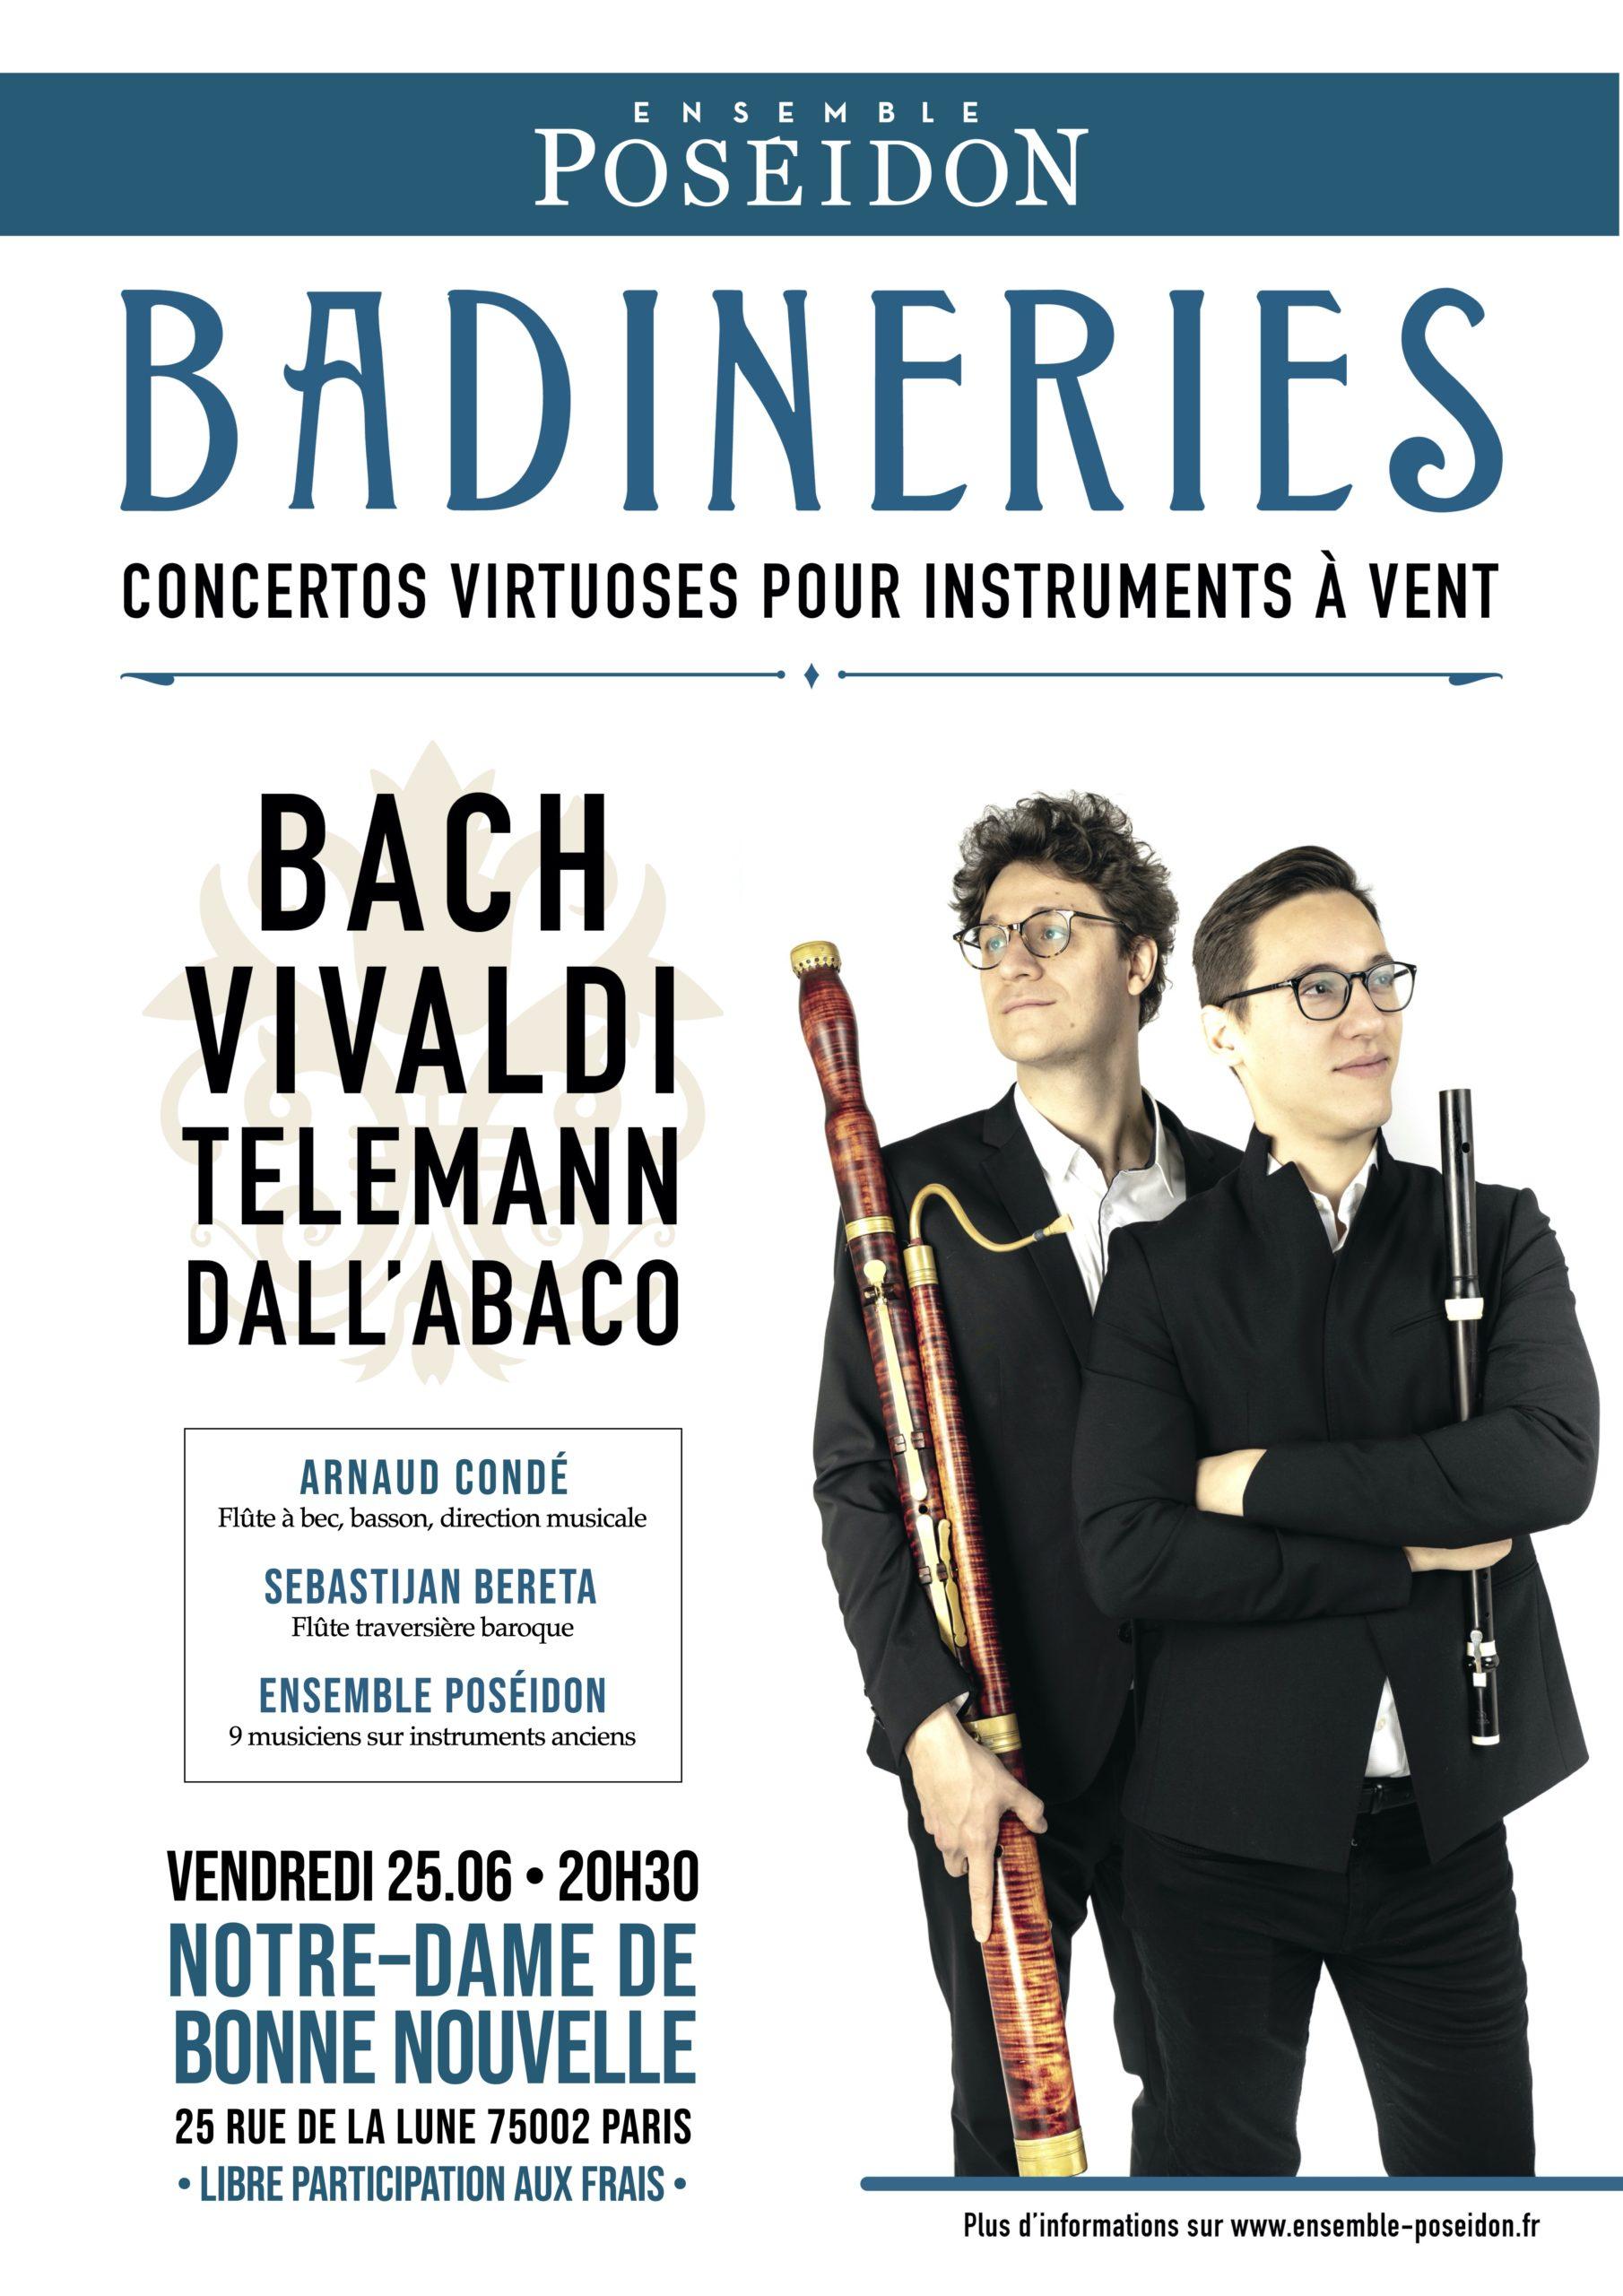 Concertos virtuoses pour instruments à vent de l'ensemble Poséidon